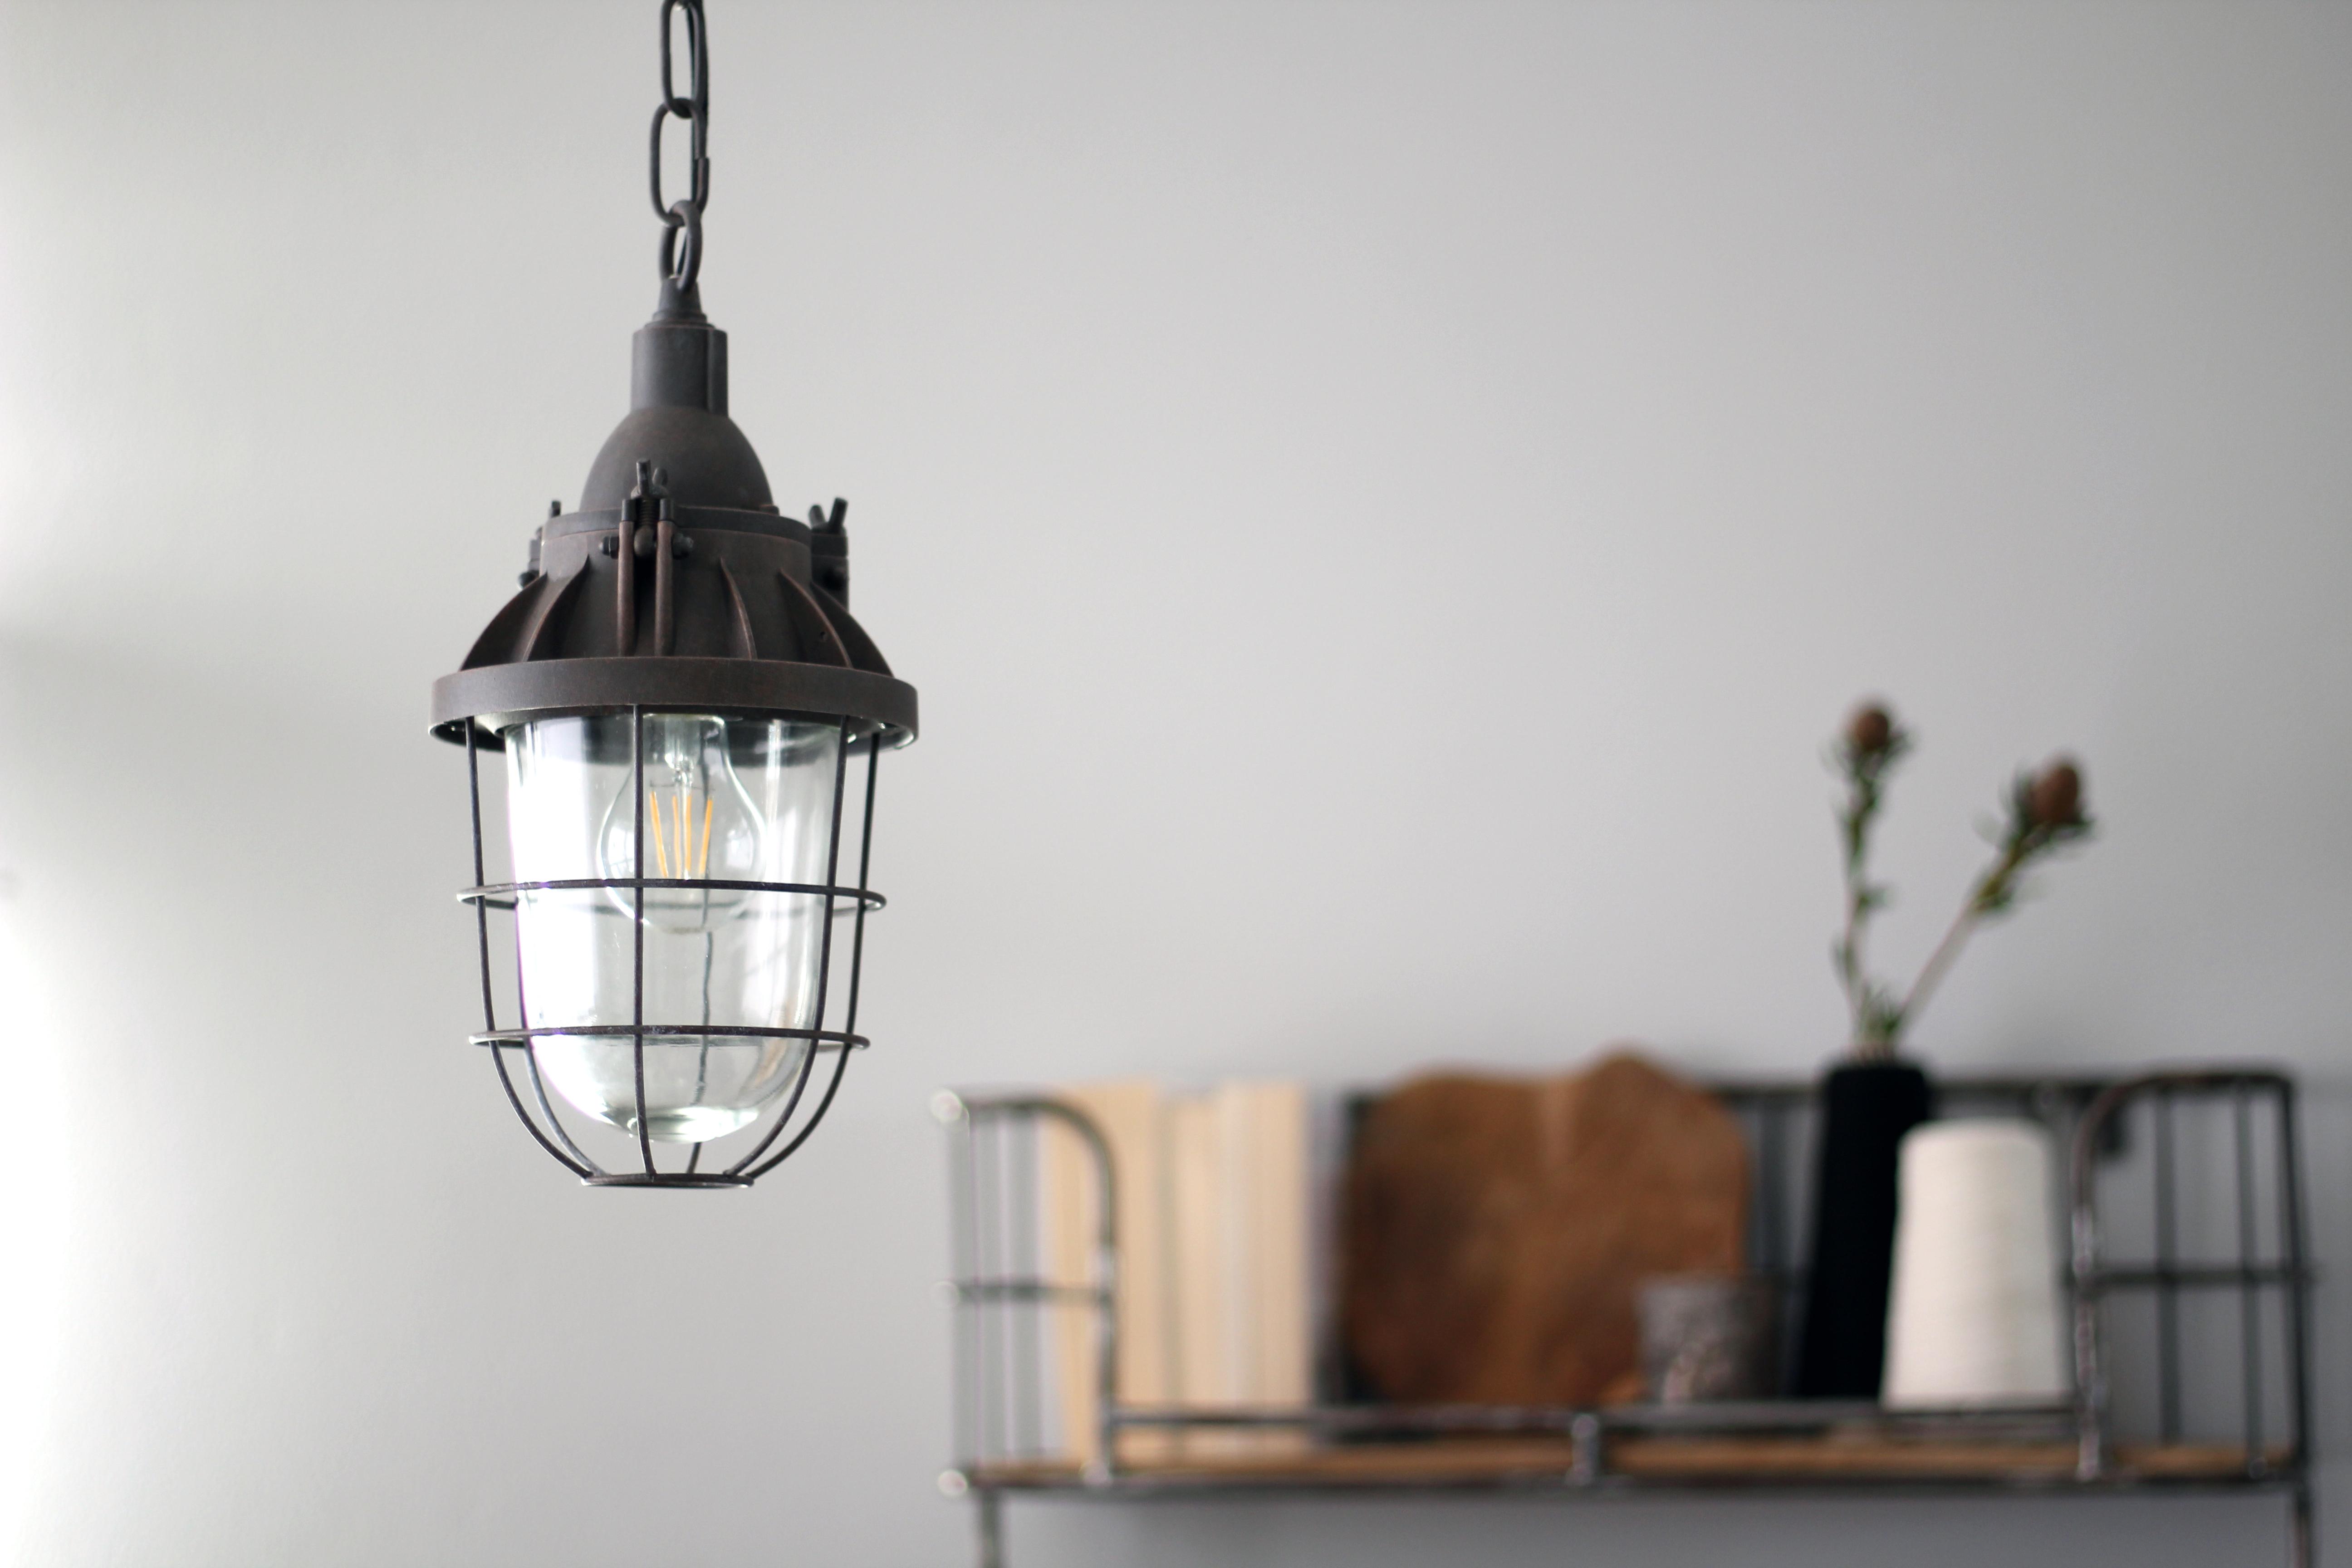 Ansprechend Lampe Industriedesign Beste Wahl Oldtimer Mistral Braun ø17 Zentimeter